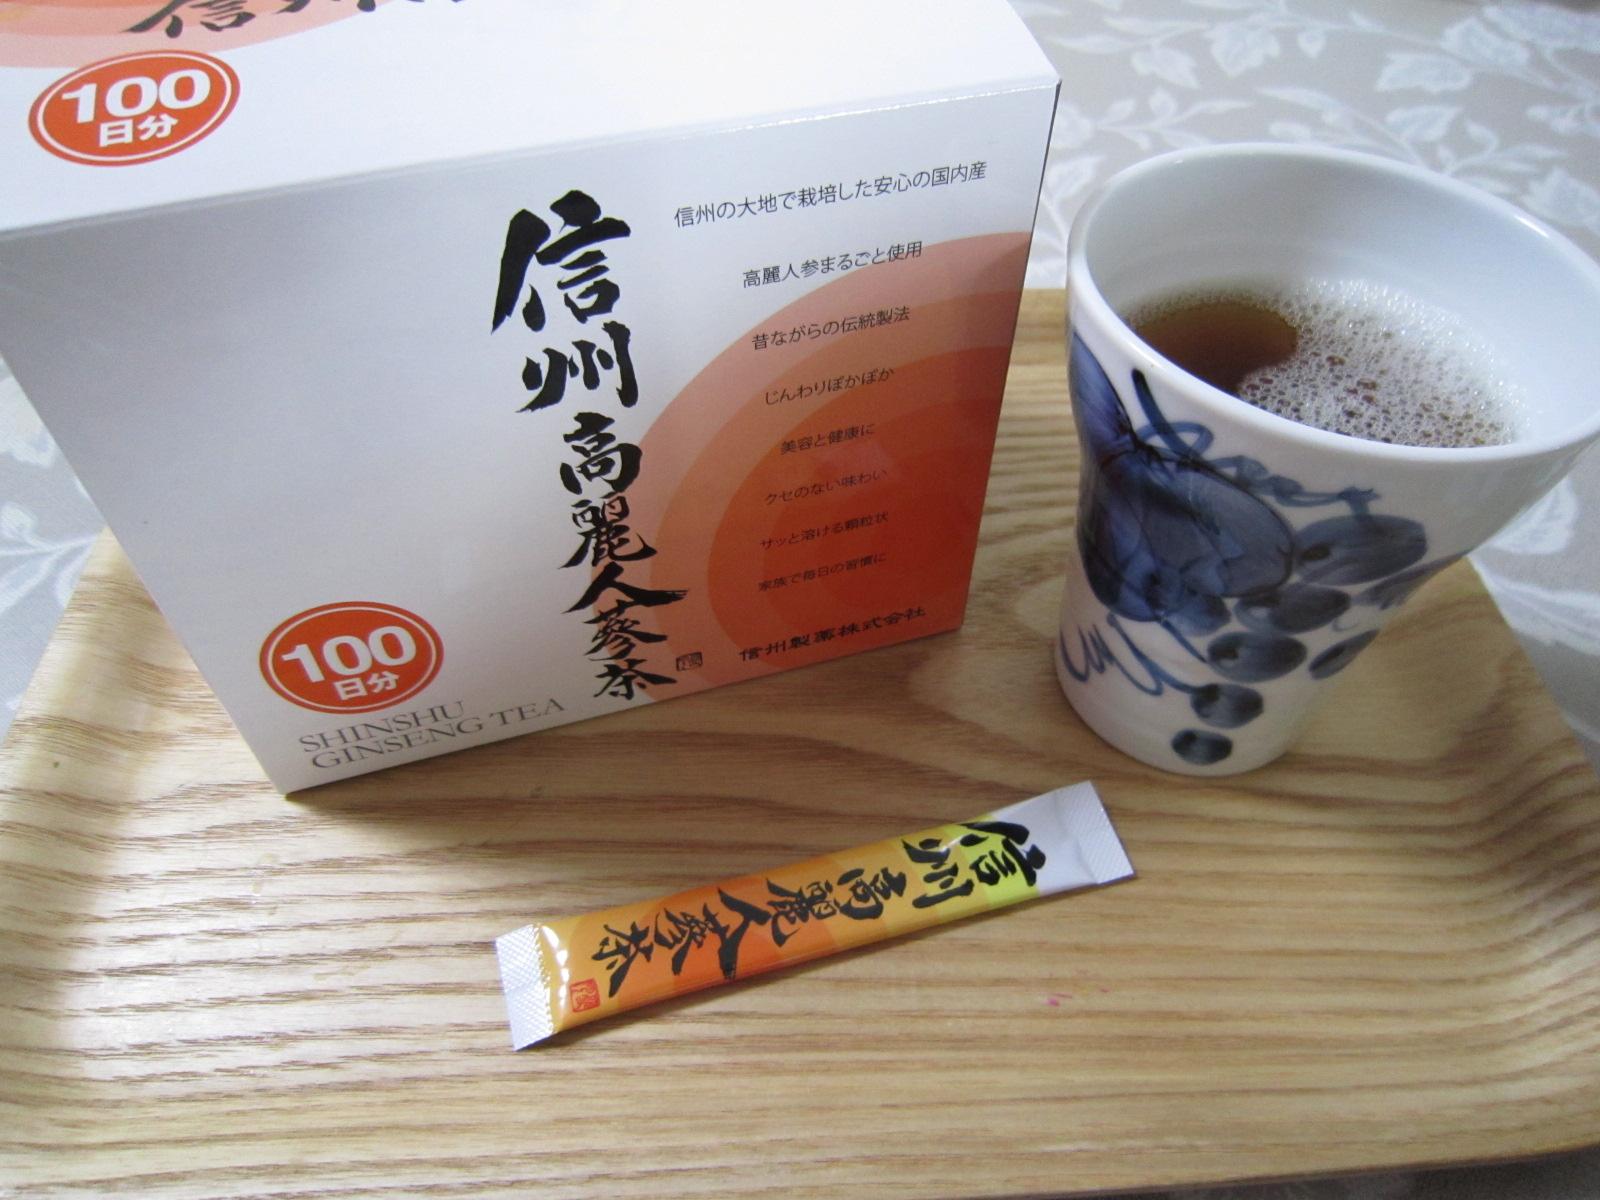 高麗人参茶_f0204295_17543983.jpg